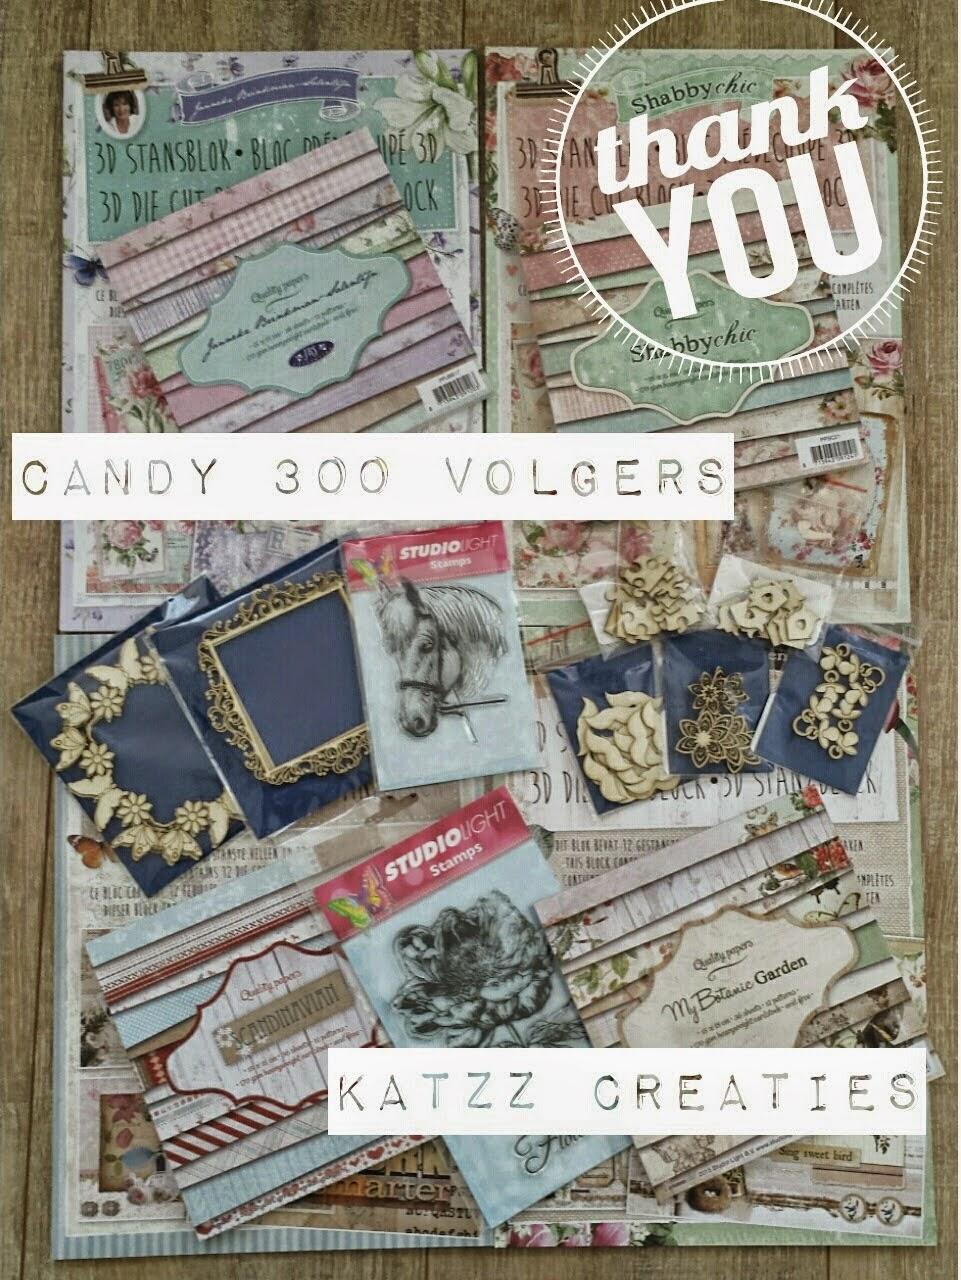 Candy bij Katja 350 volgers